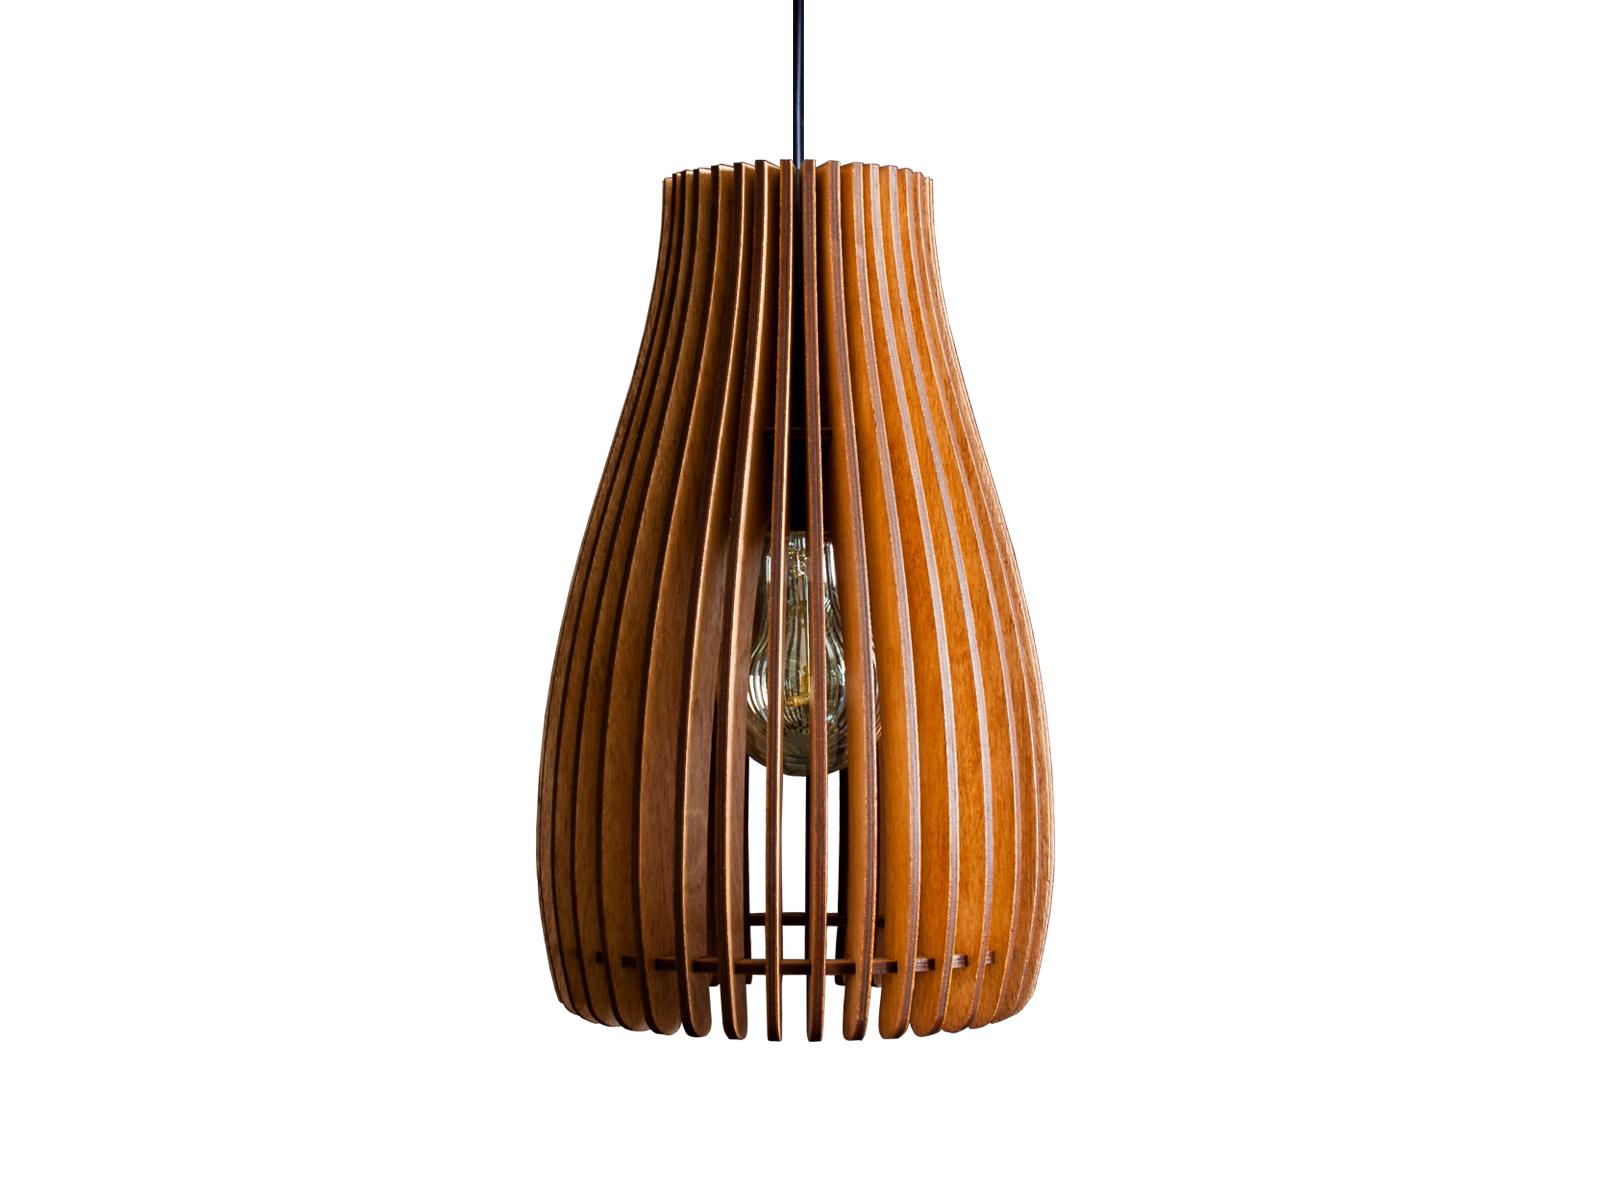 Светильник ИваПодвесные светильники<br>Утонченная лампа, прекрасна для подсветки деталей и акцентирования внимания. Лампа изготовлена из натуральной березовой фанеры и обработана мебельным воском по английской технологии. Воск переливается, блестит, подчеркивает текстуру дерева и очень устойчив к царапинам. Прекрасно подходит как для классических интерьеров, так и для техно и лофт стилей.&amp;amp;nbsp;&amp;lt;div&amp;gt;Мы рекомендуем использовать светодиодные (LED) лампы, но Вы также можете использовать и классические лампы накаливания и ретро-лампочки Эдисона.&amp;amp;nbsp;&amp;lt;div&amp;gt;&amp;lt;br&amp;gt;&amp;lt;/div&amp;gt;&amp;lt;/div&amp;gt;&amp;lt;div&amp;gt;&amp;lt;div style=&amp;quot;font-size: 14px;&amp;quot;&amp;gt;&amp;lt;span style=&amp;quot;font-size: 14px;&amp;quot;&amp;gt;Тип цоколя: E27&amp;lt;/span&amp;gt;&amp;lt;br&amp;gt;&amp;lt;/div&amp;gt;&amp;lt;div style=&amp;quot;font-size: 14px;&amp;quot;&amp;gt;&amp;lt;div&amp;gt;Мощность: 40W&amp;lt;/div&amp;gt;&amp;lt;div&amp;gt;Кол-во ламп: 1 (нет в комплекте)&amp;lt;/div&amp;gt;&amp;lt;/div&amp;gt;&amp;lt;div style=&amp;quot;font-size: 14px;&amp;quot;&amp;gt;&amp;lt;br&amp;gt;&amp;lt;/div&amp;gt;&amp;lt;div style=&amp;quot;font-size: 14px;&amp;quot;&amp;gt;Длина провода 150 см.&amp;lt;br&amp;gt;&amp;lt;/div&amp;gt;&amp;lt;div style=&amp;quot;font-size: 14px;&amp;quot;&amp;gt;&amp;lt;span style=&amp;quot;font-size: 14px;&amp;quot;&amp;gt;Не рекомендуется использование лампы мощнее 60 Вт.&amp;lt;/span&amp;gt;&amp;lt;/div&amp;gt;&amp;lt;/div&amp;gt;<br><br>Material: Дерево